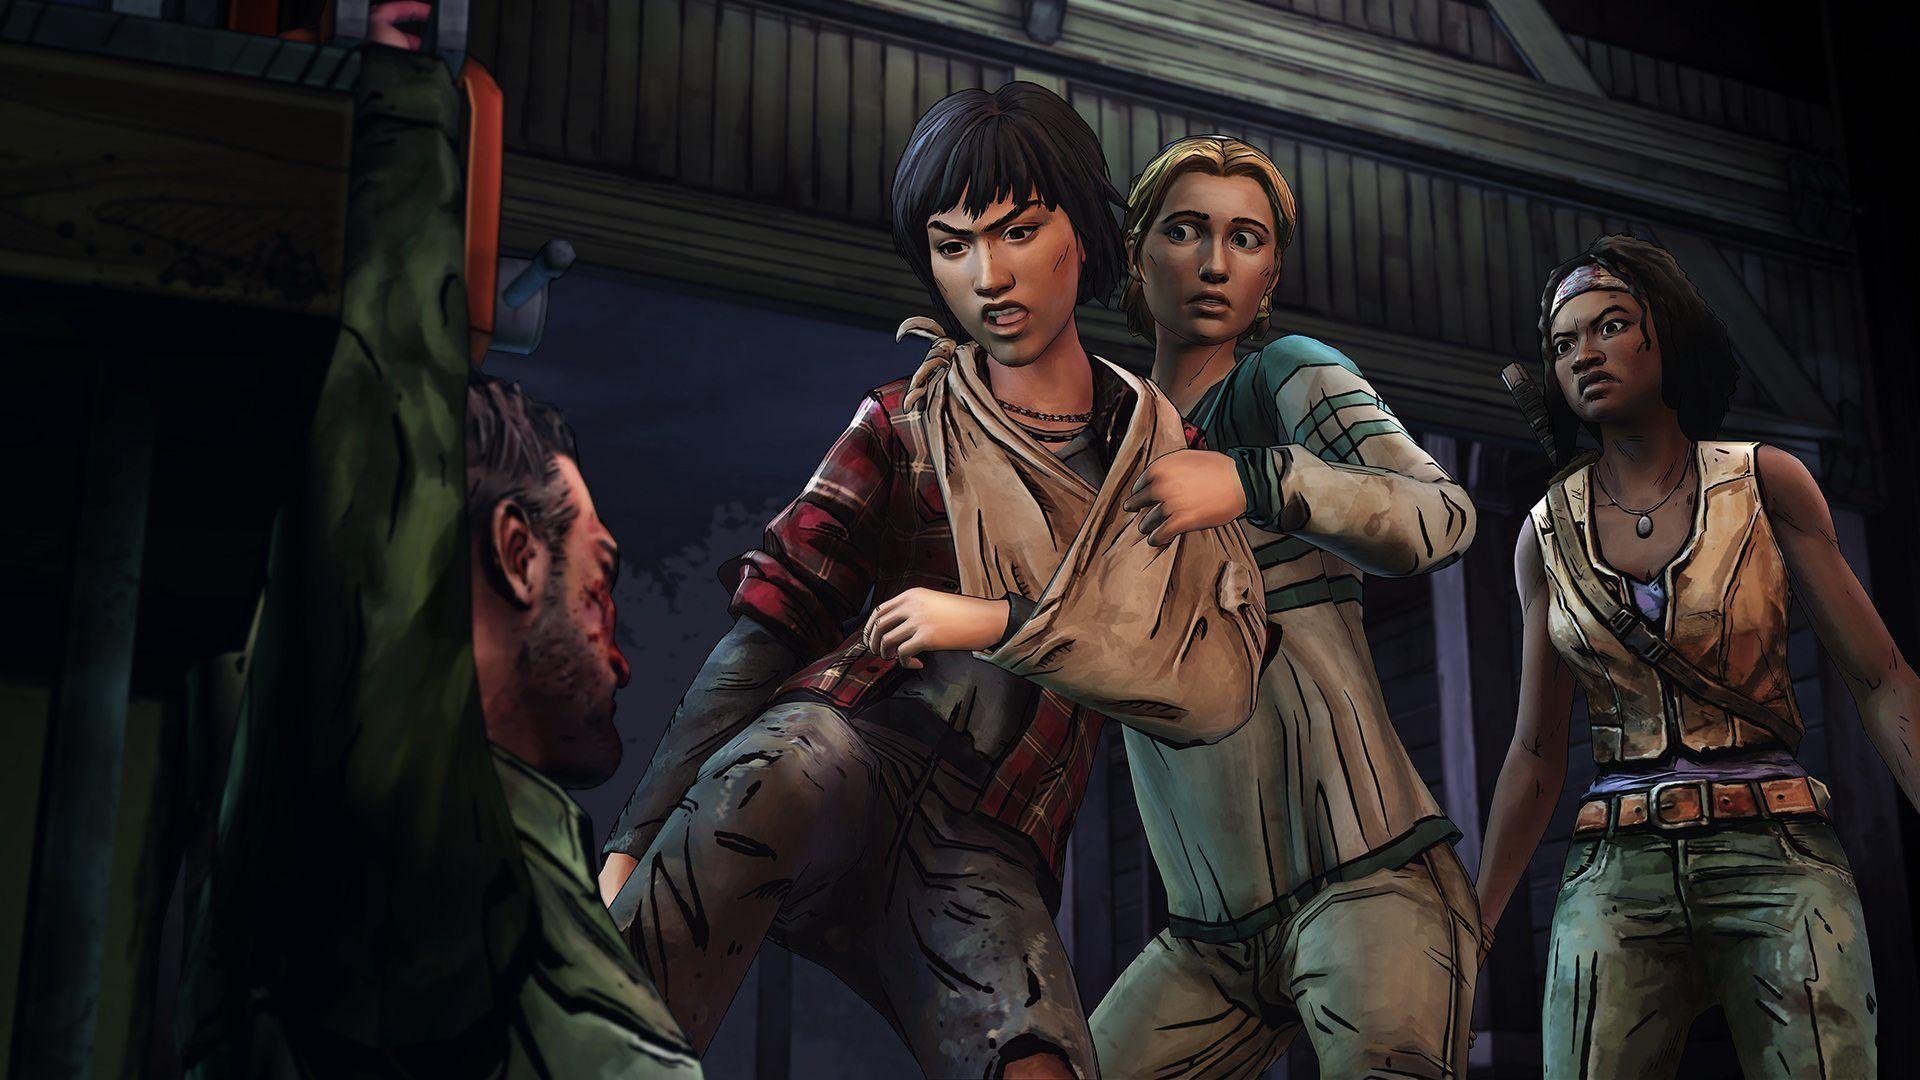 The Walking Dead: The Final Season Episode 3 Wallpapers